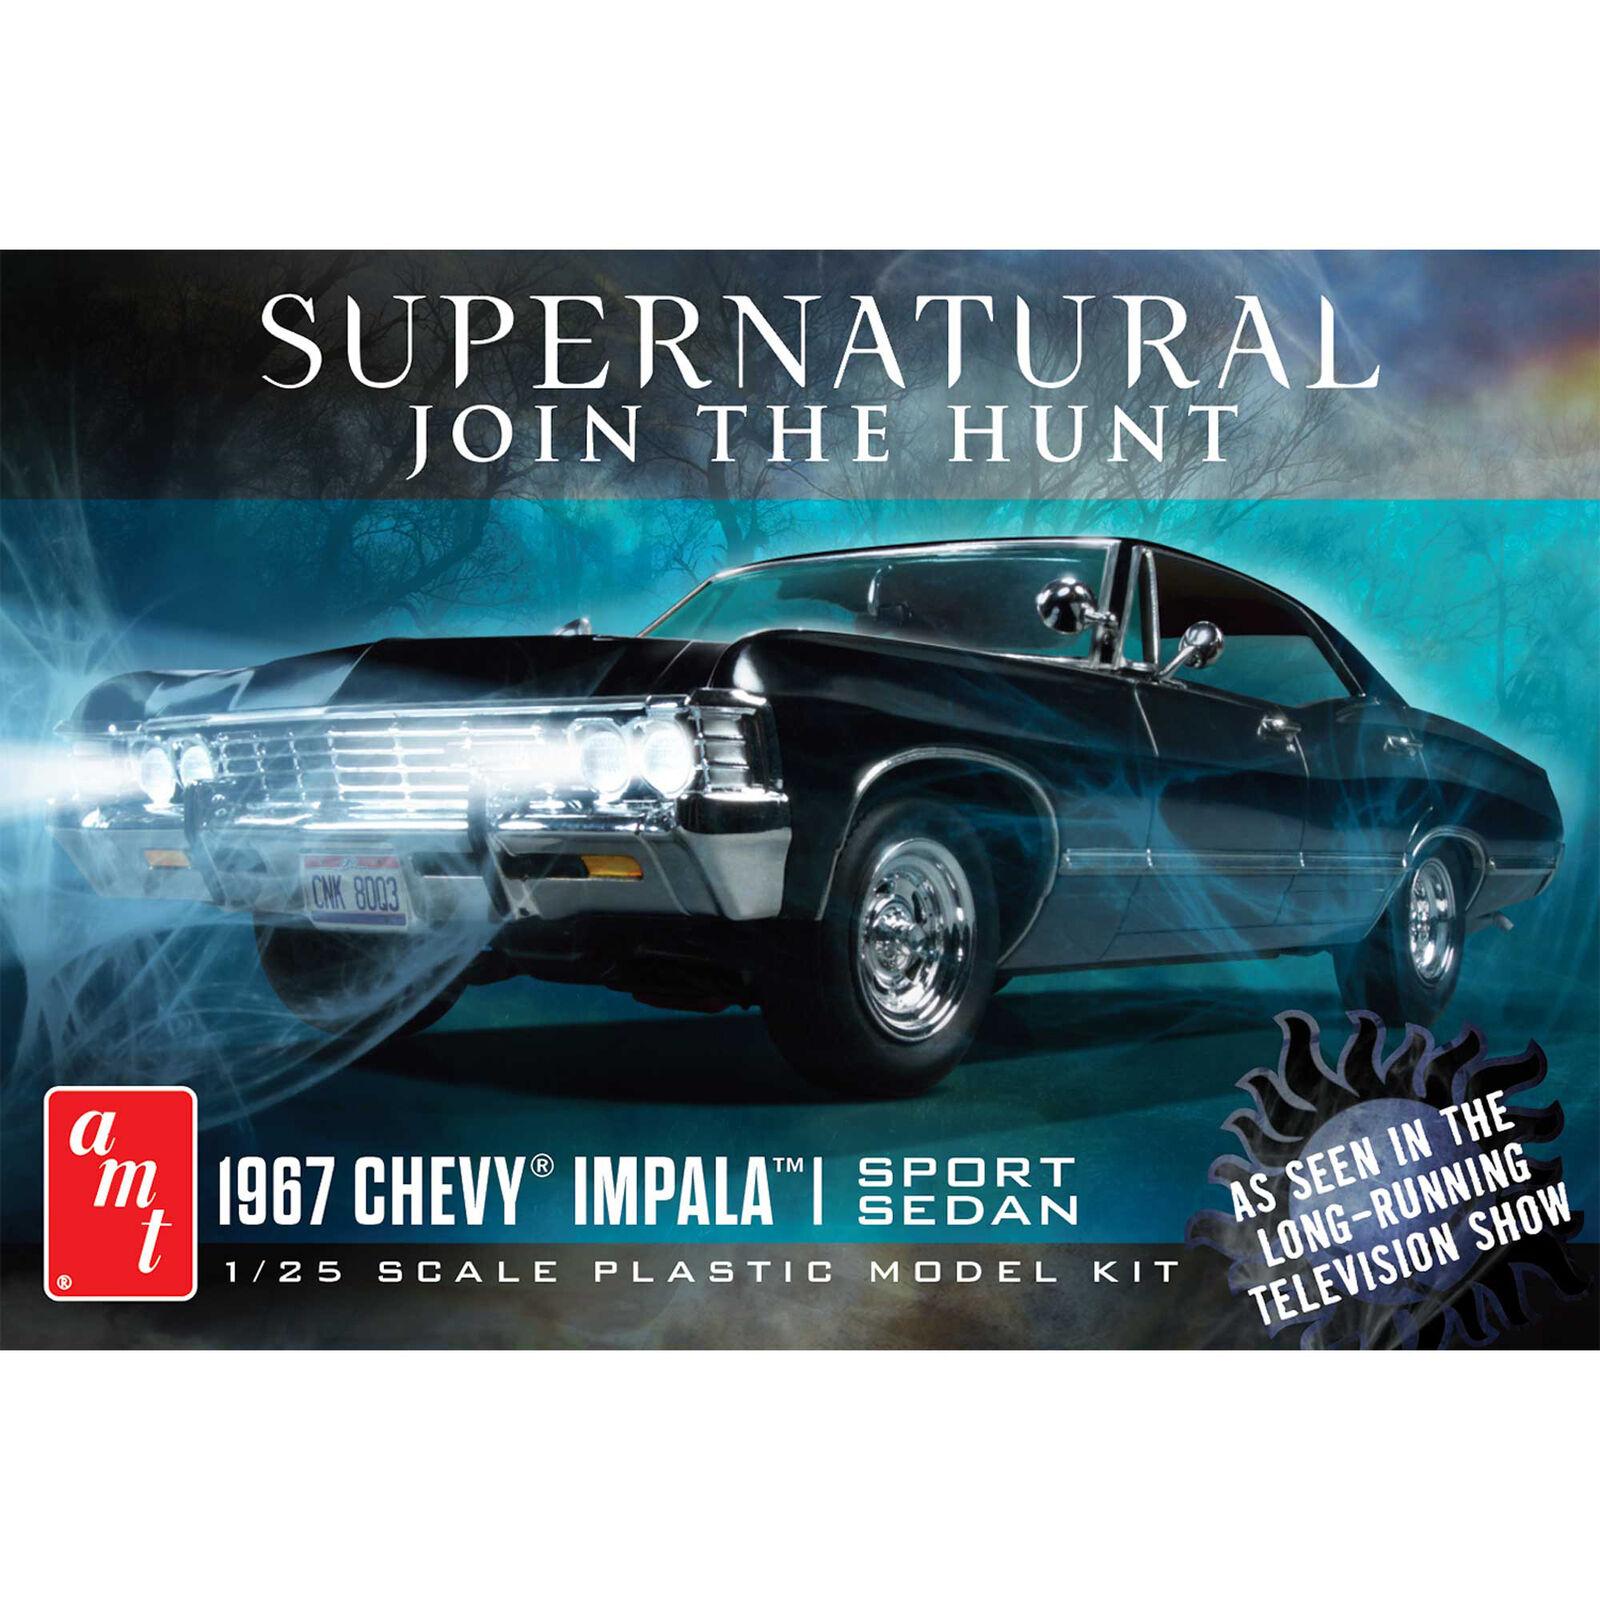 1/25 1967 Impala, Supernatural, Model Kit